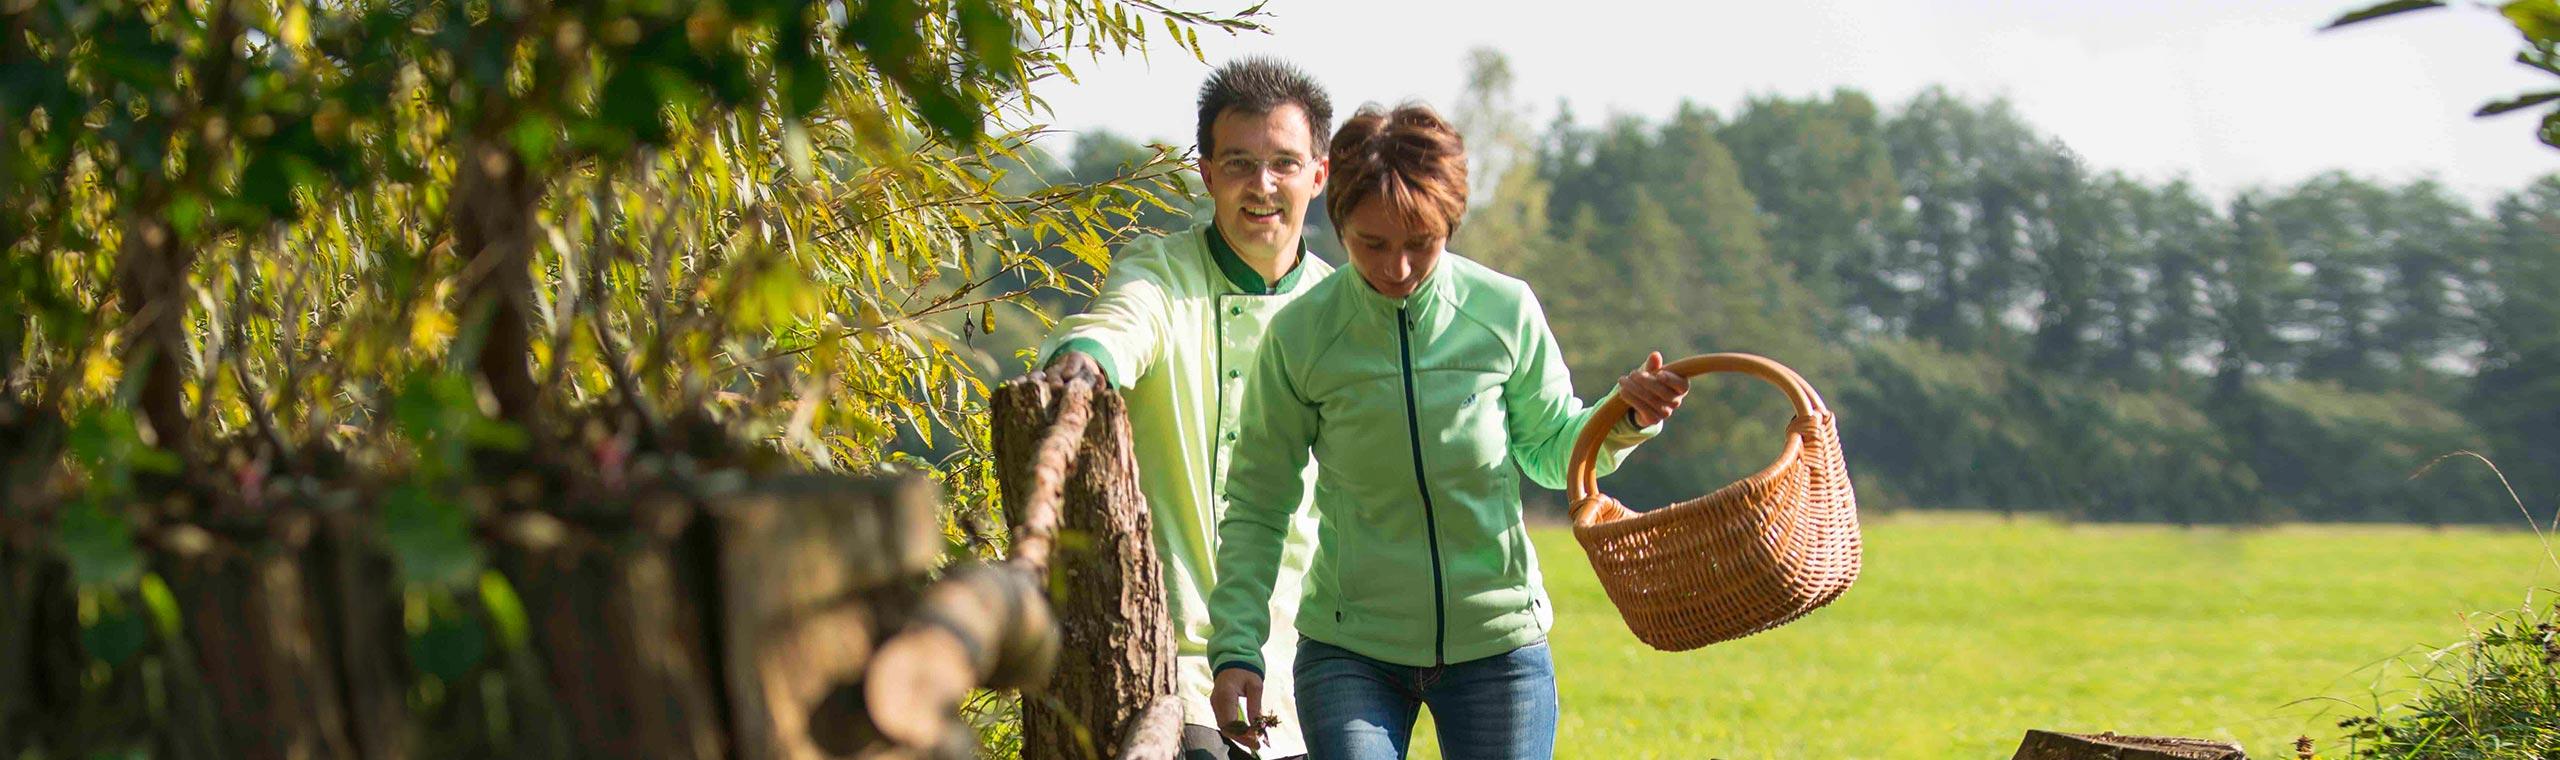 Ehepaar Schnupp im Grünen auf der Suche nach Wildkräutern